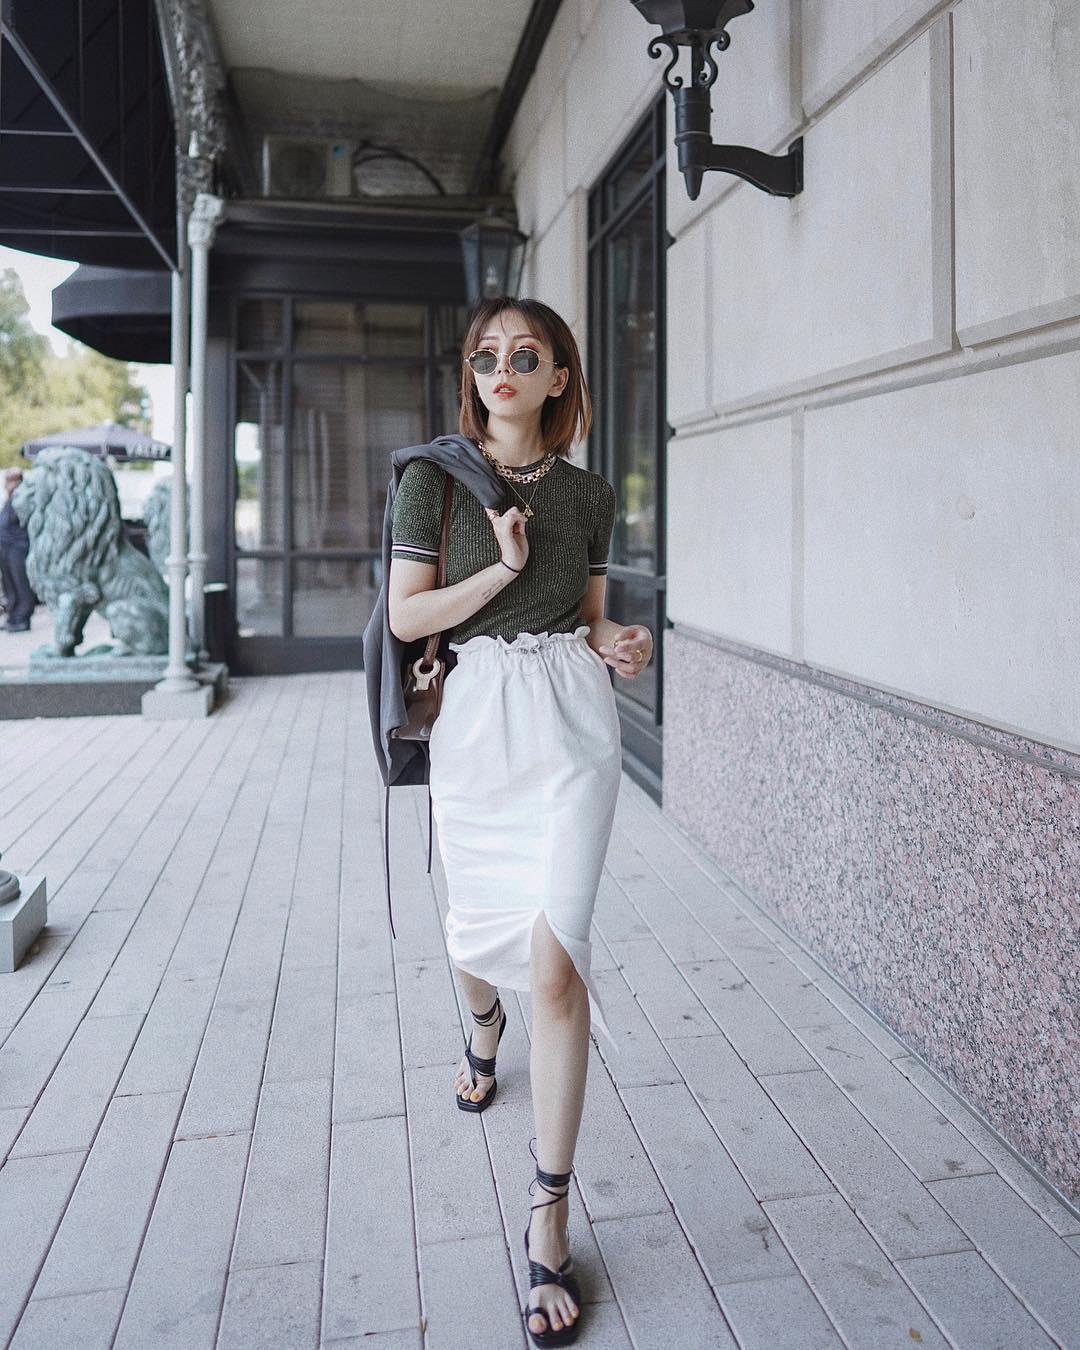 Kỳ diệu chưa: 4 mẫu chân váy sau sẽ giúp bạn cao ráo hơn ít nhất 5cm, có khi còn kéo chân dài miên man - Ảnh 3.